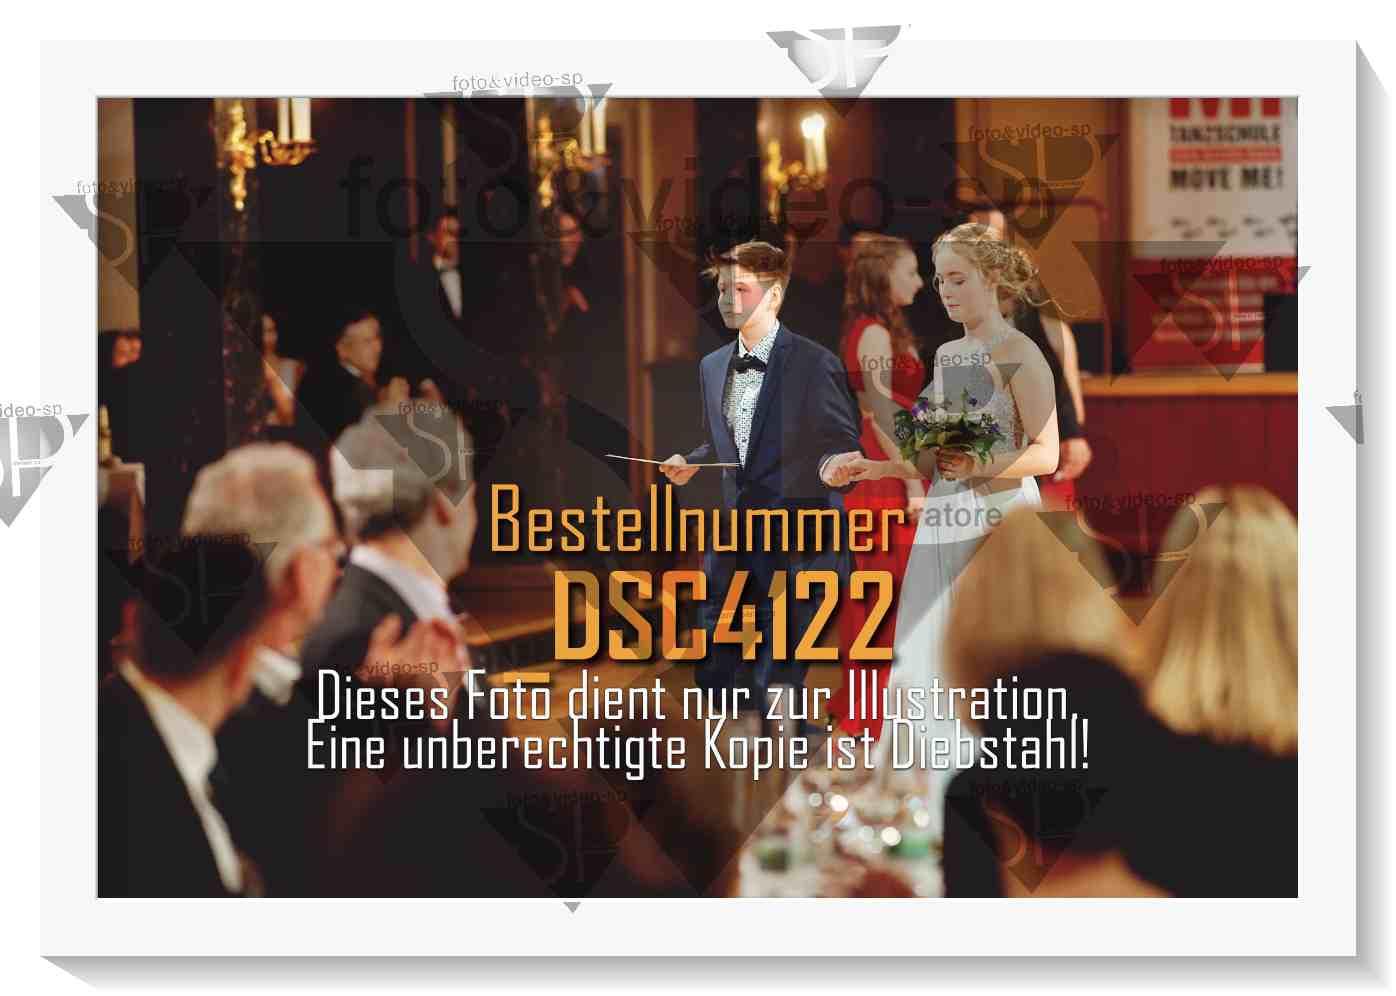 DSC4122